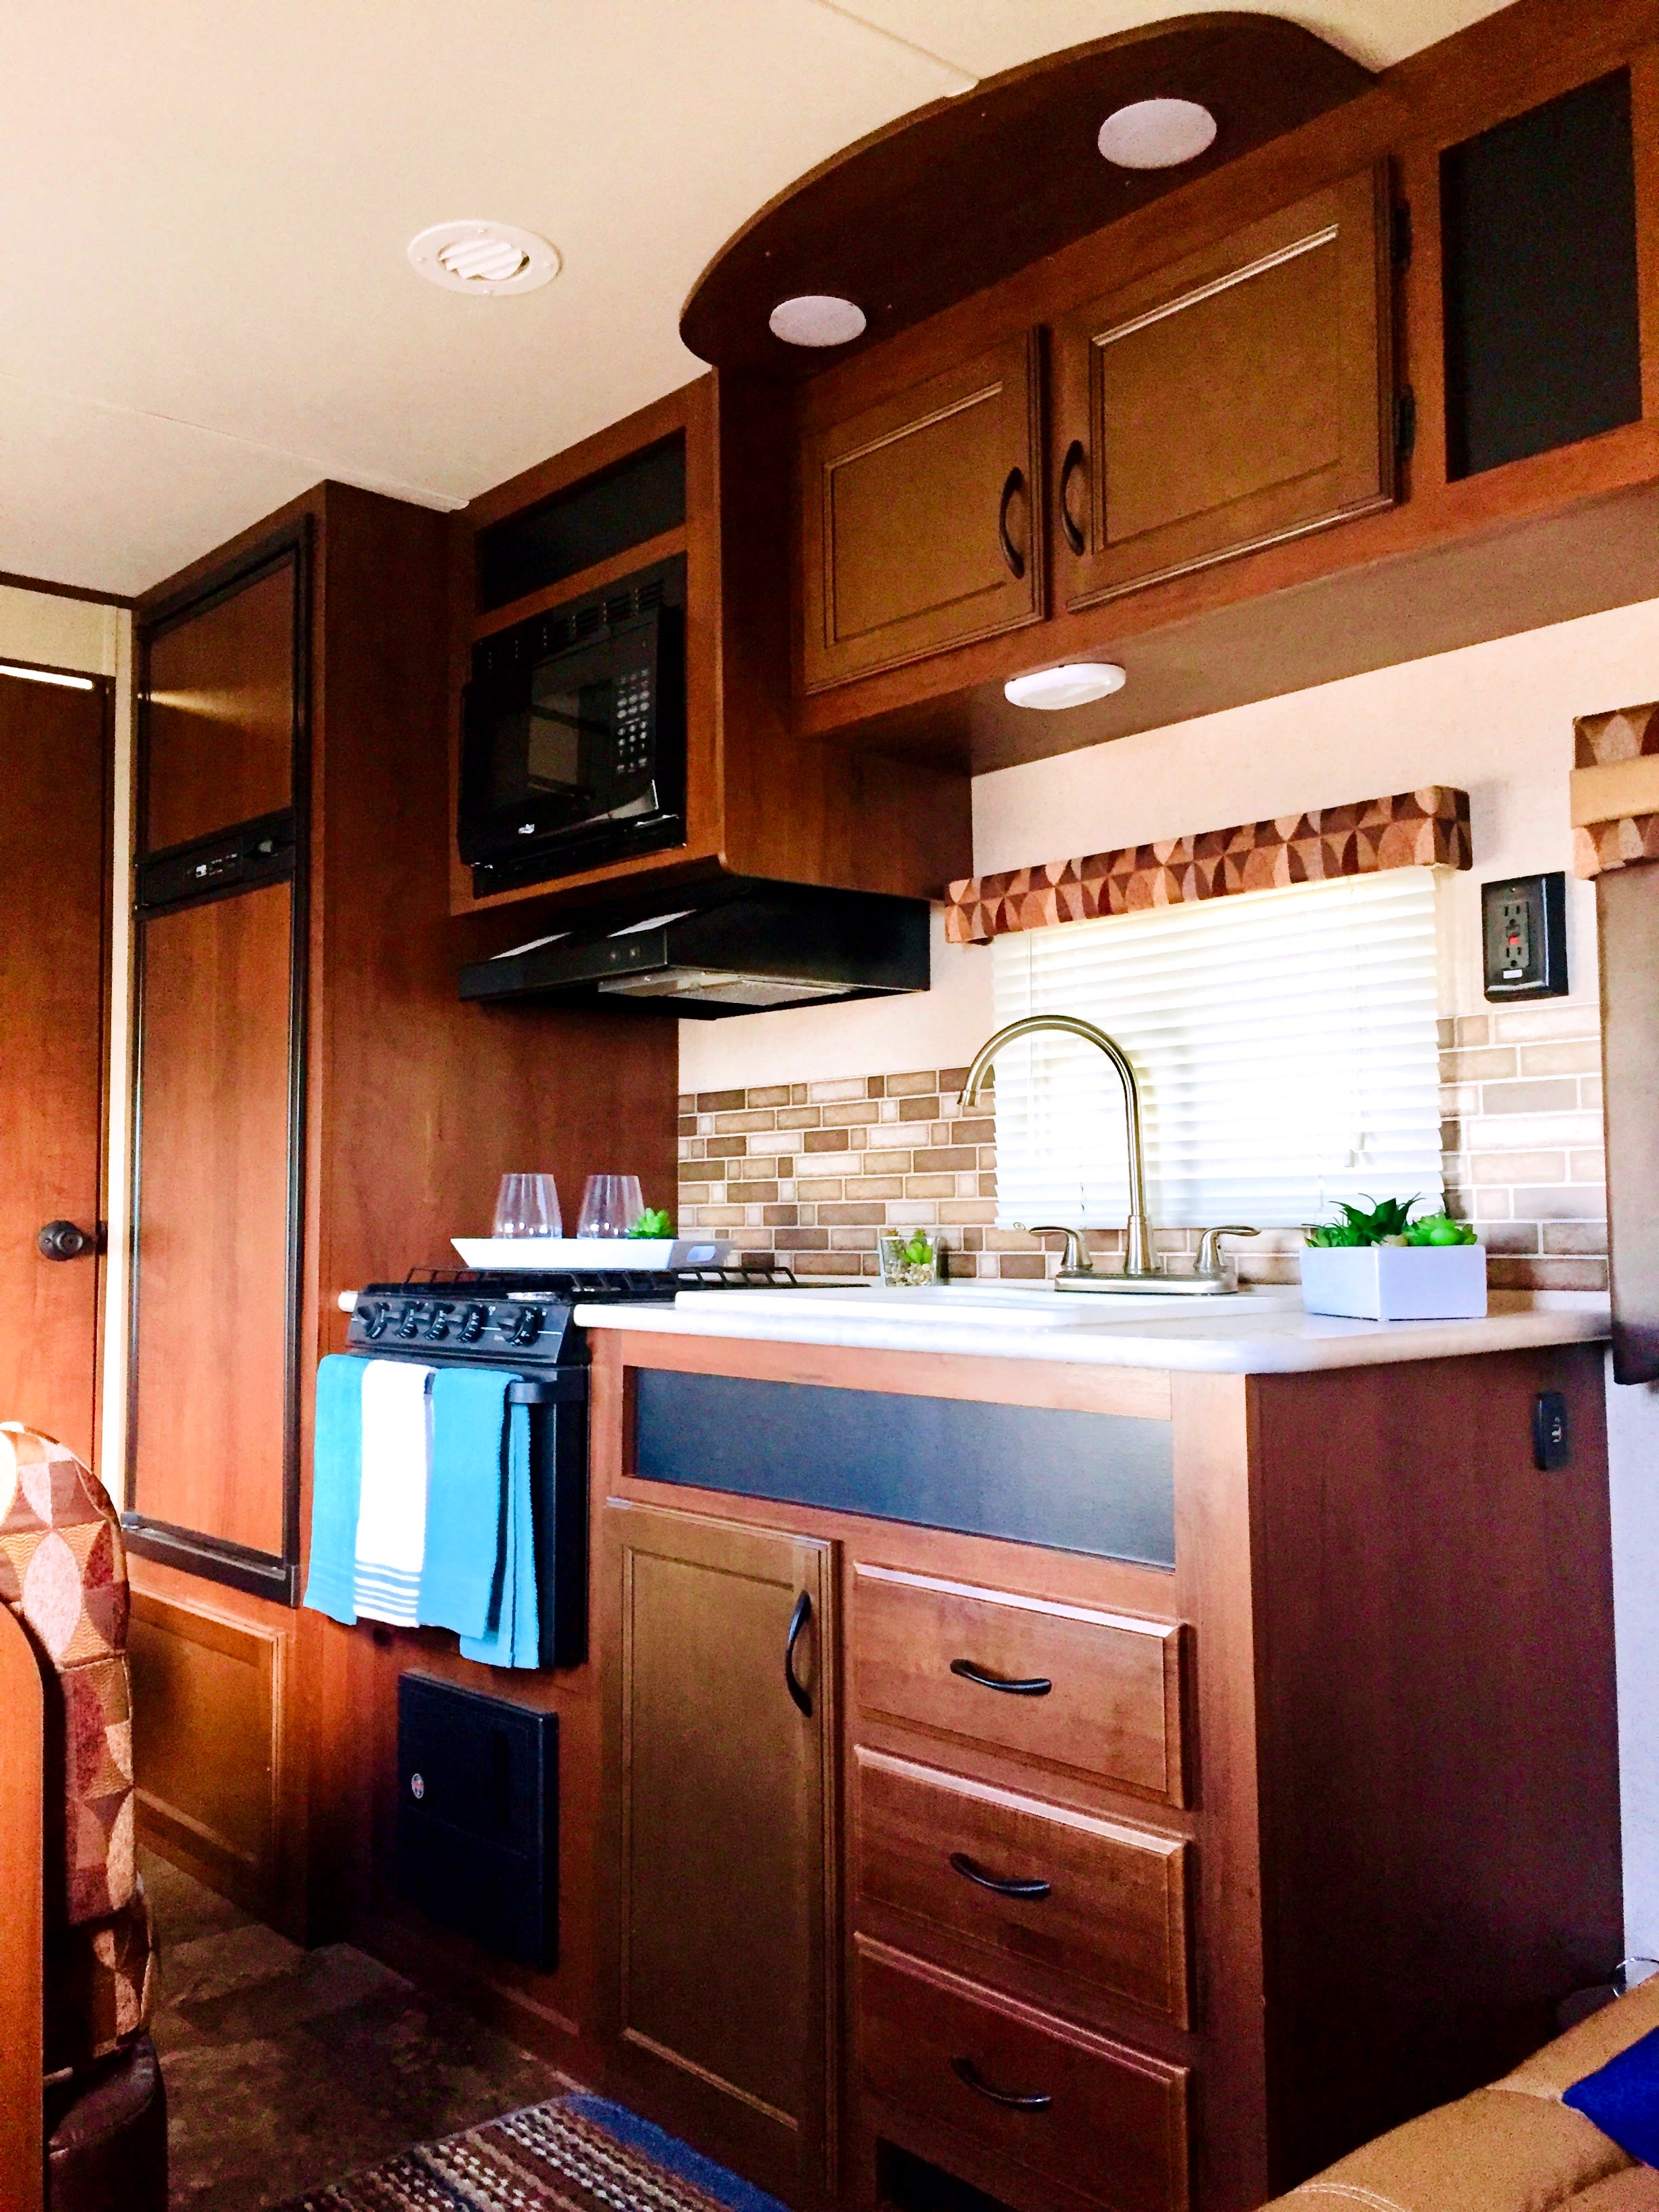 Kitchen area. Jayco JayFlight 2015